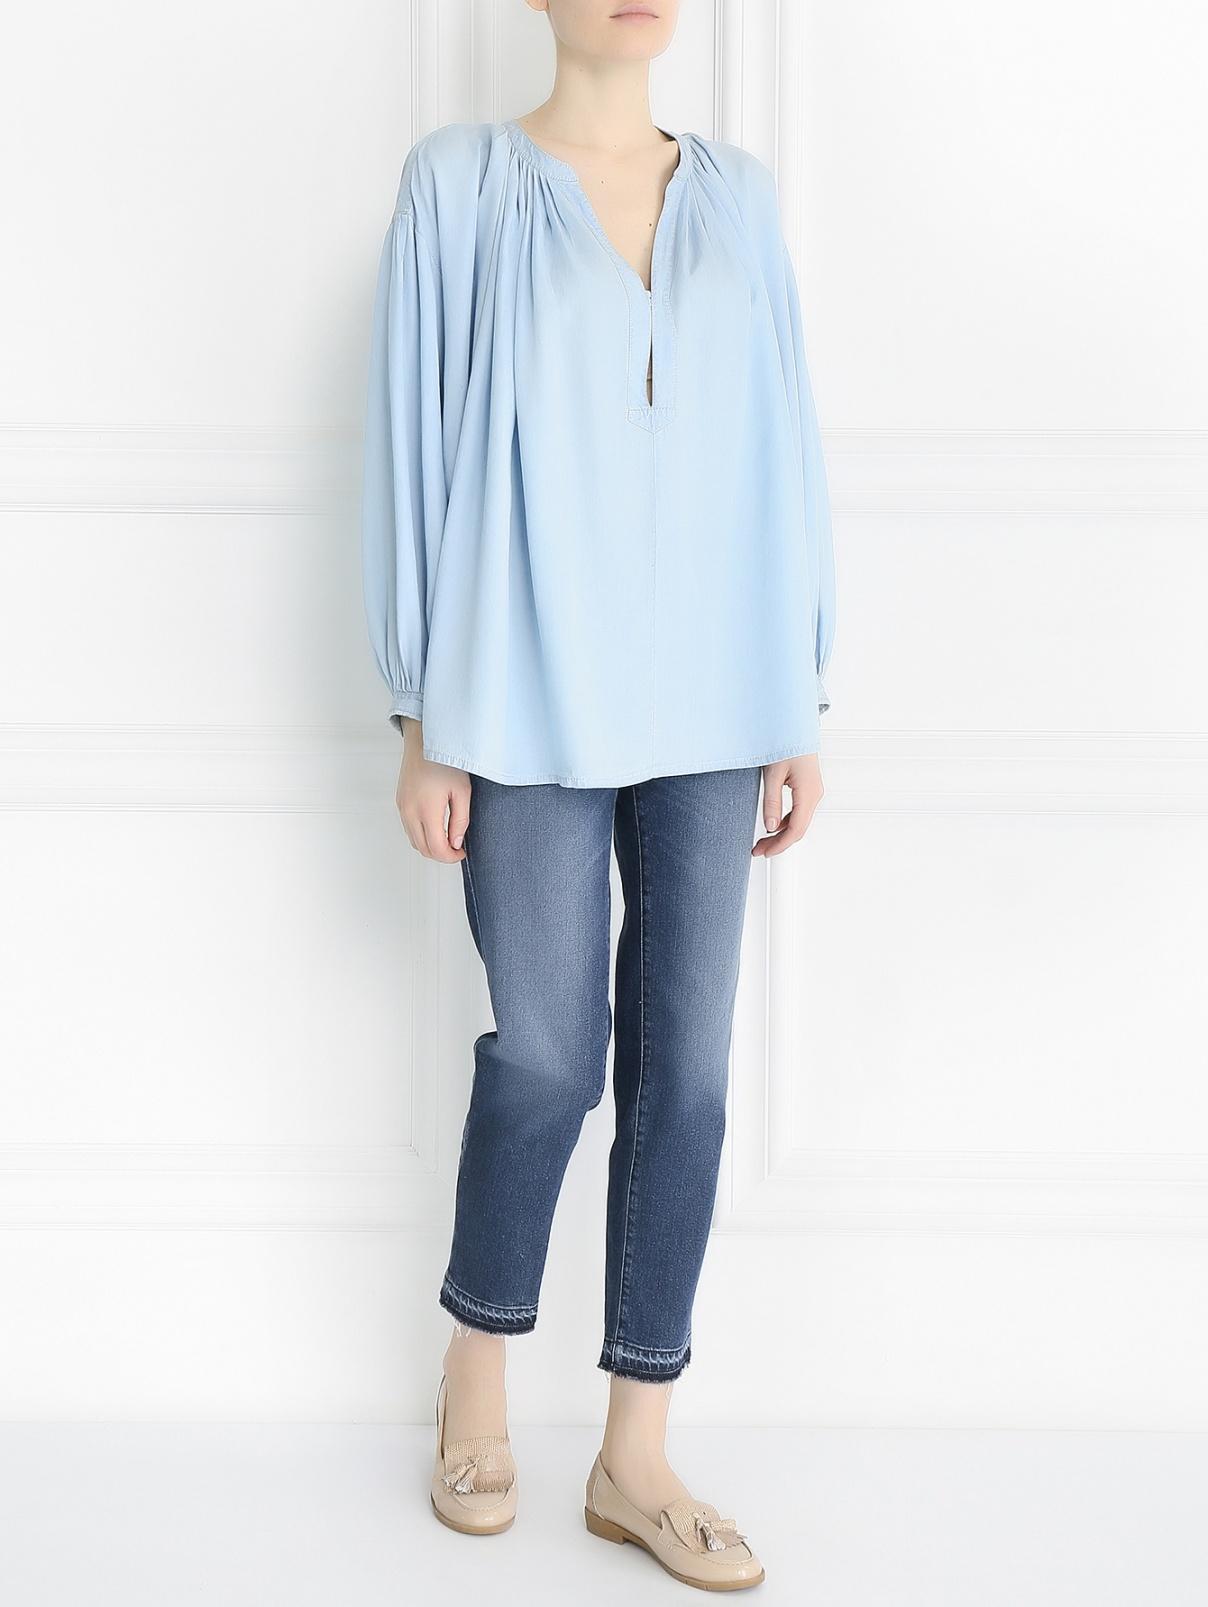 Блуза с драпировкой свободного кроя Sonia Rykiel  –  Модель Общий вид  – Цвет:  Синий